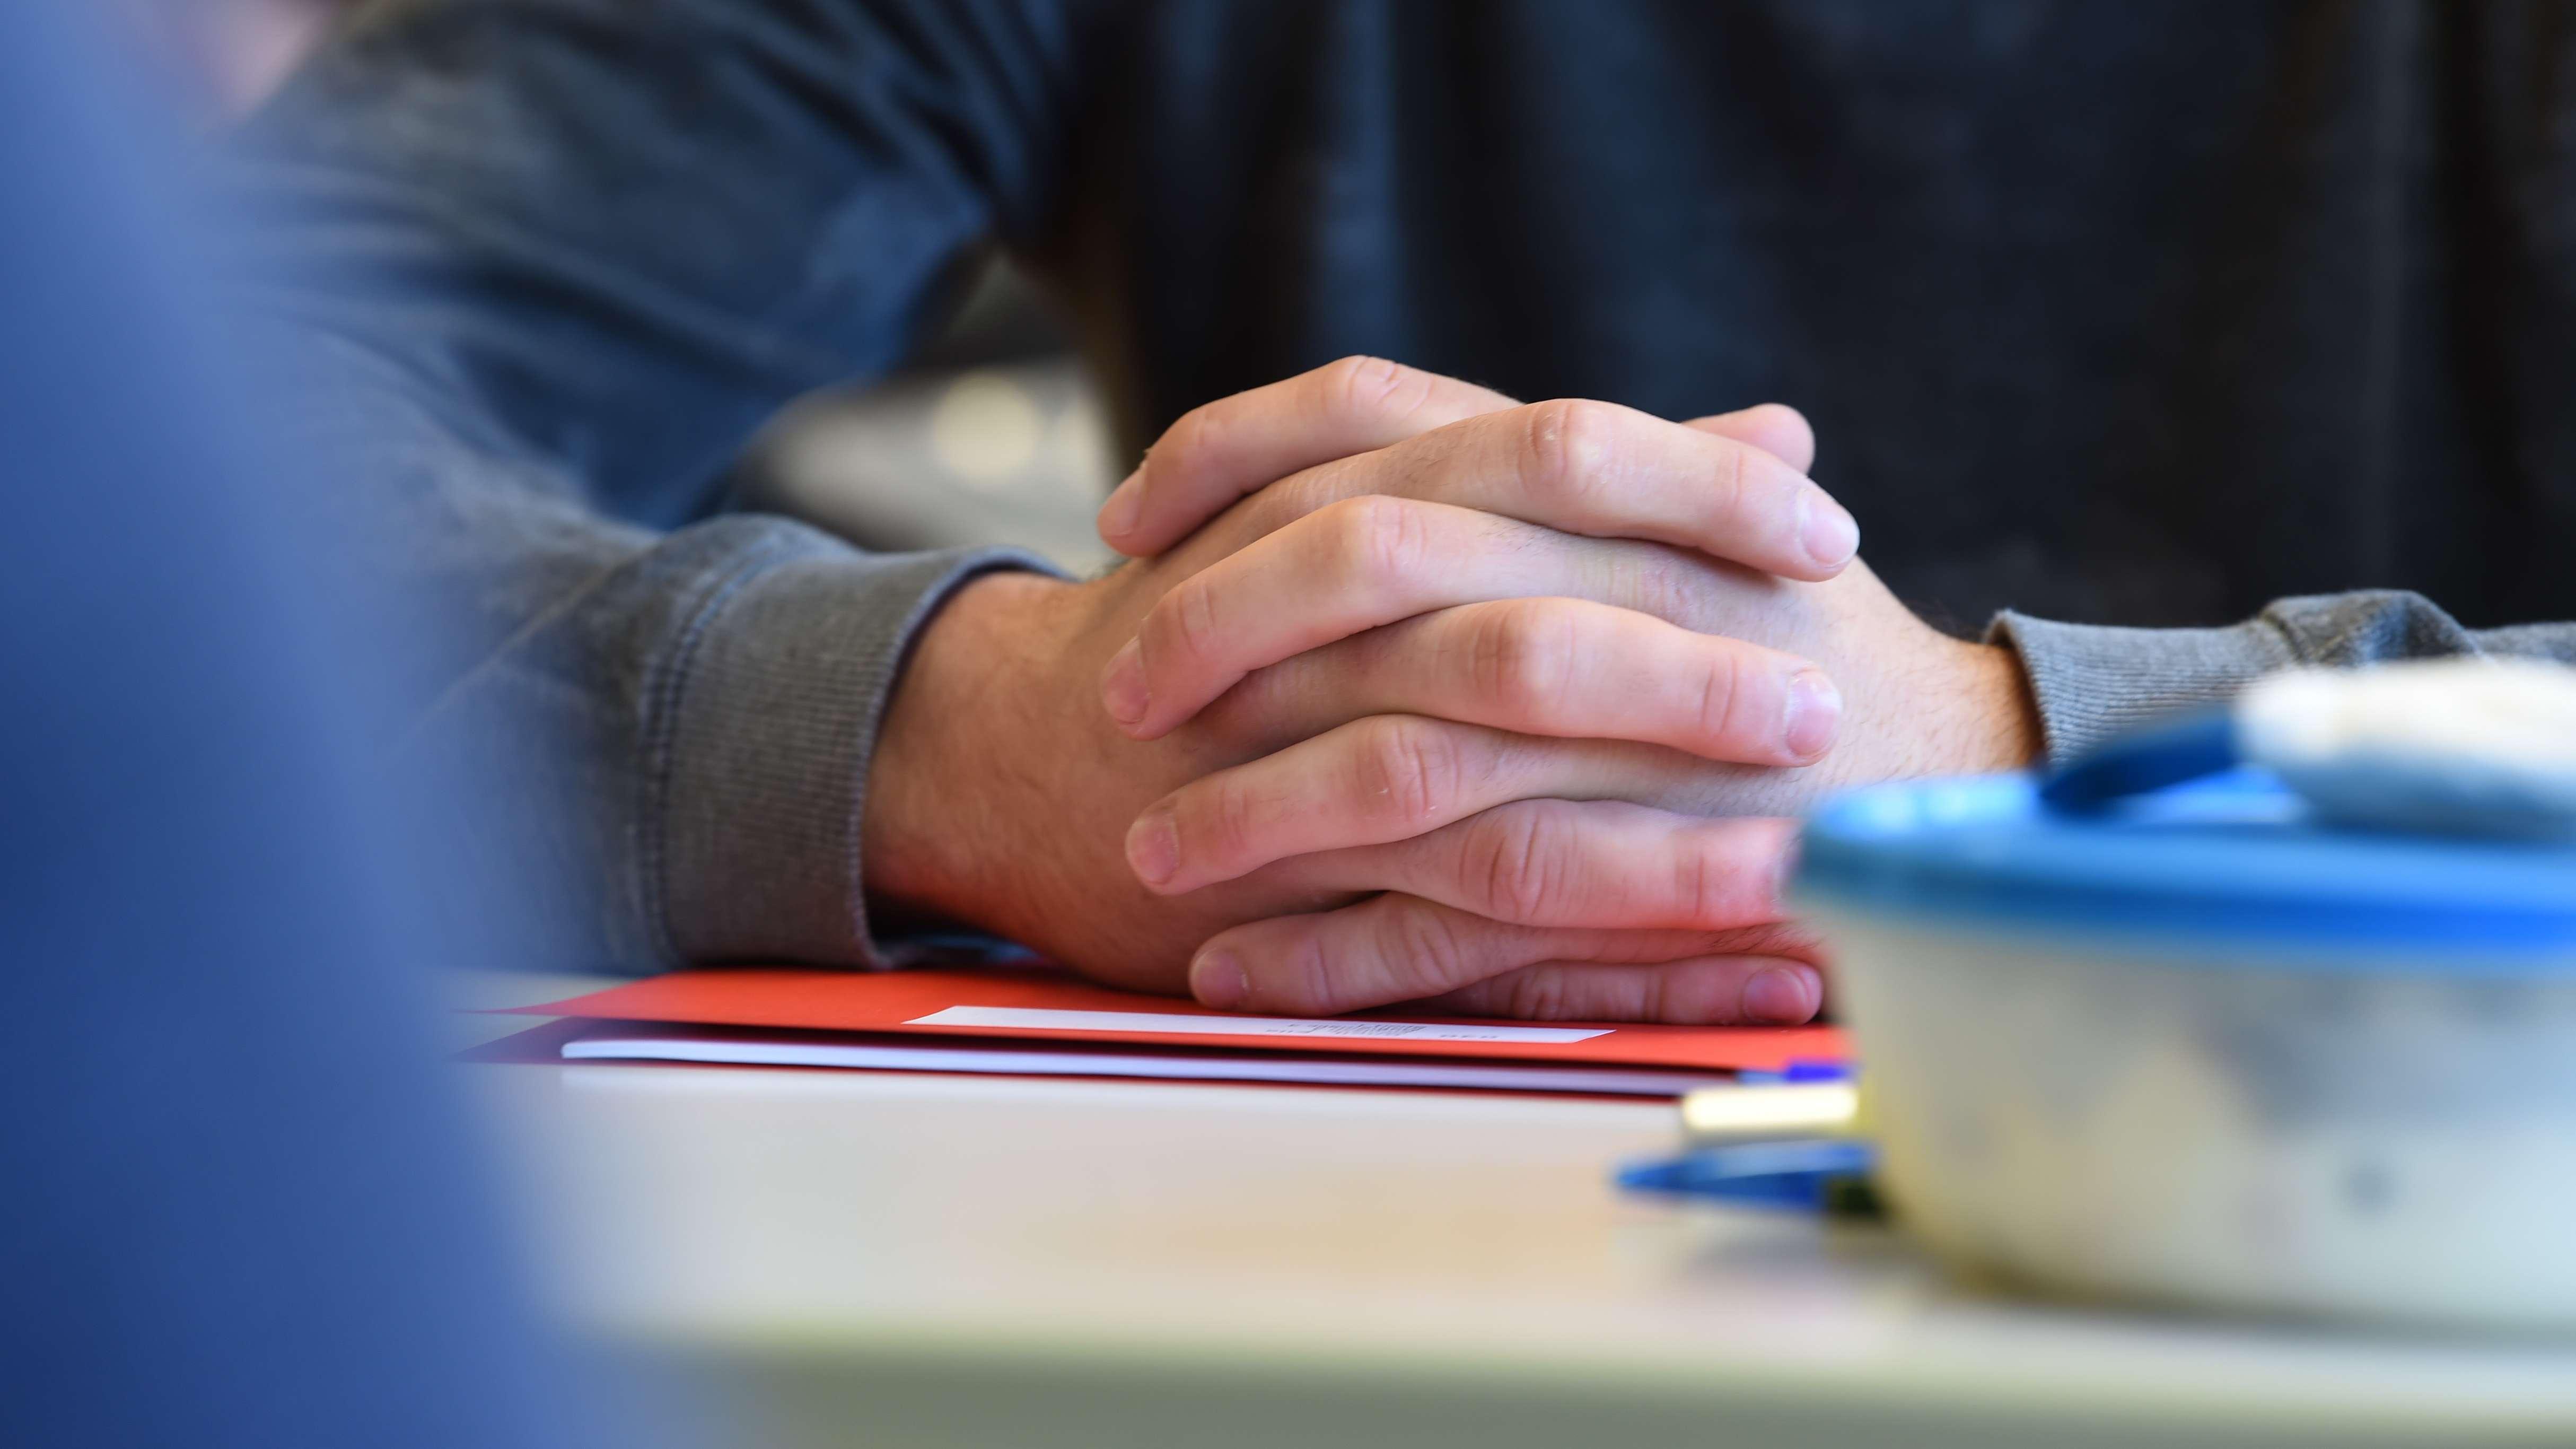 Ein Abiturient faltet vor Beginn der Abiturprüfung im Fach Deutsch die Hände